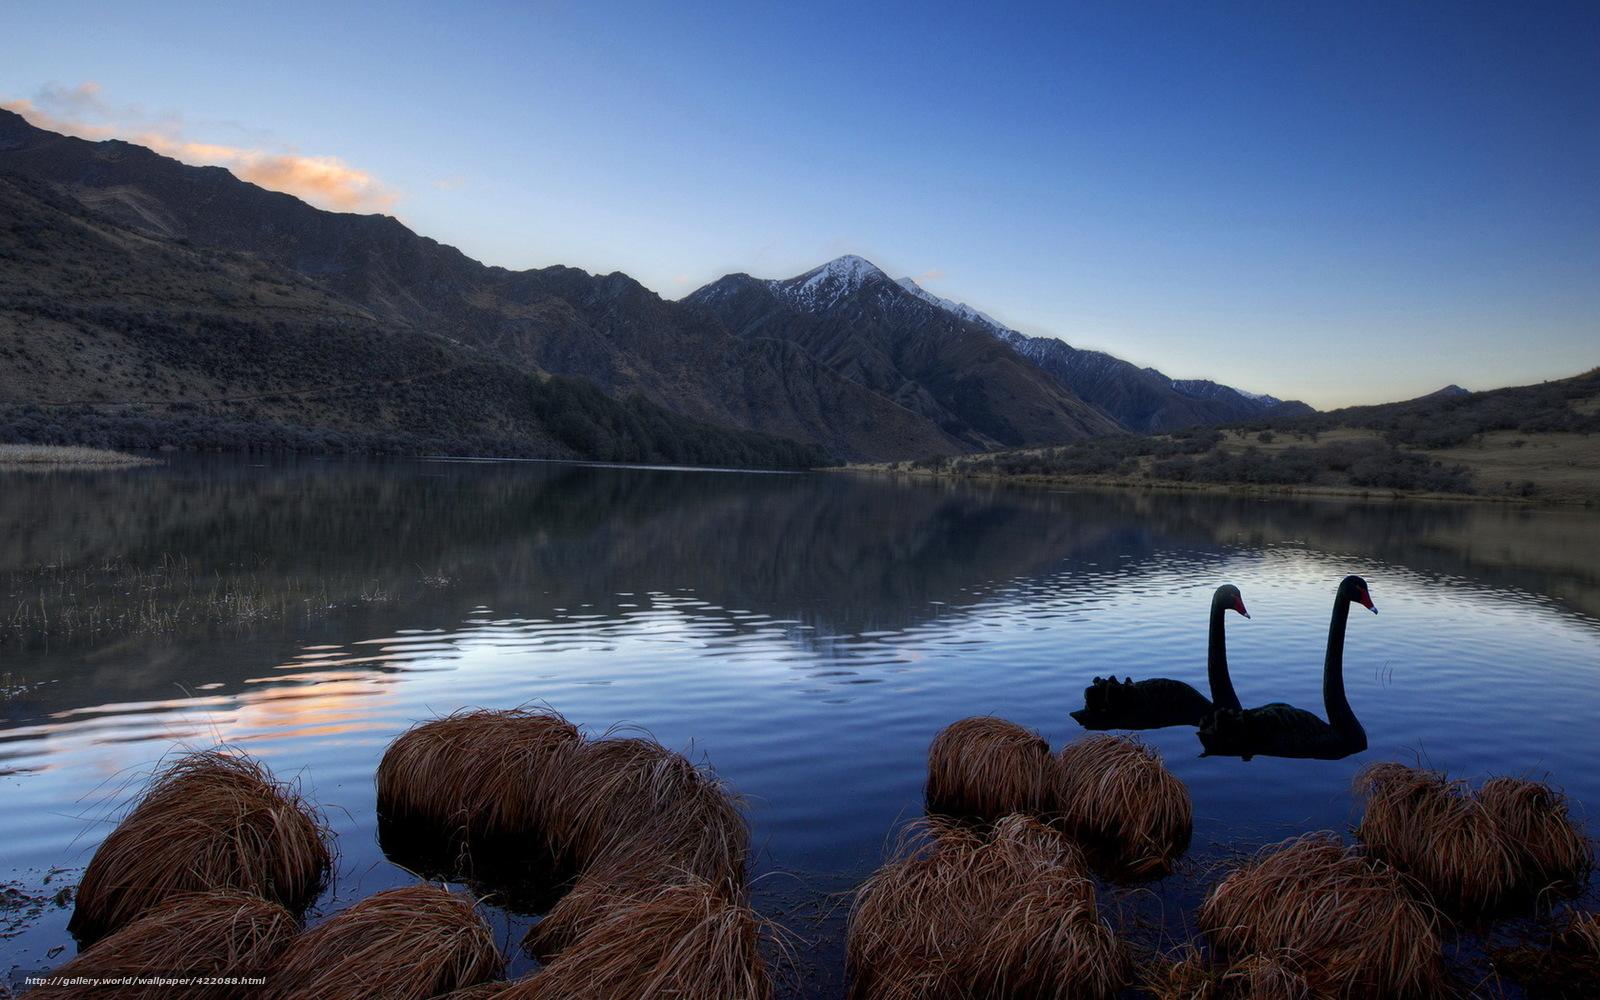 swan wallpaper download